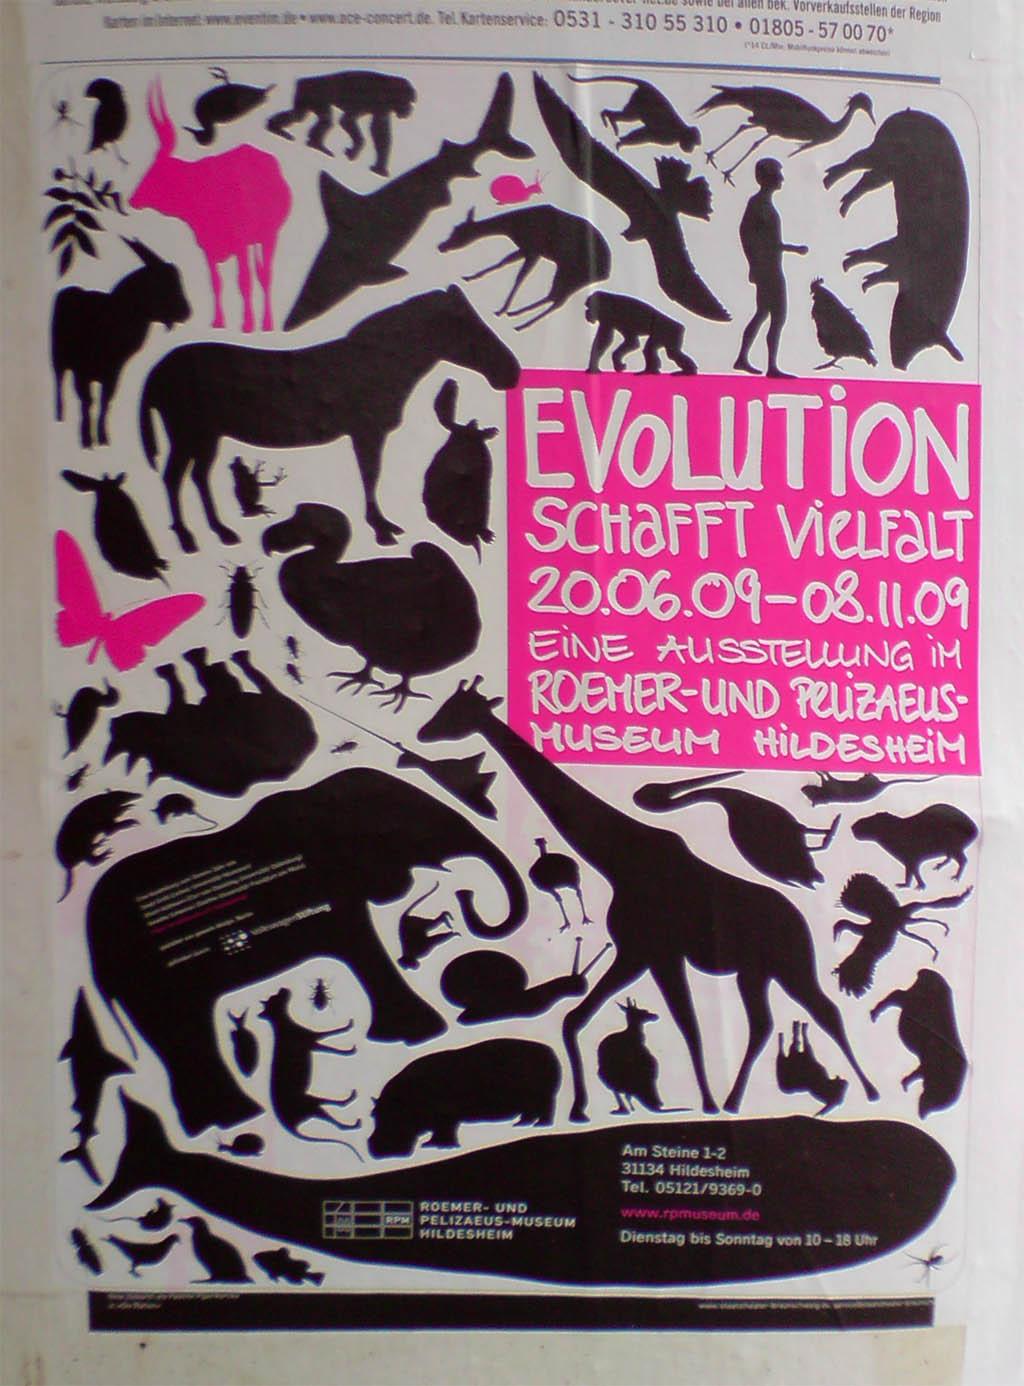 RPMuseum Hildesheim - Evolution-schafft-Vielfalt